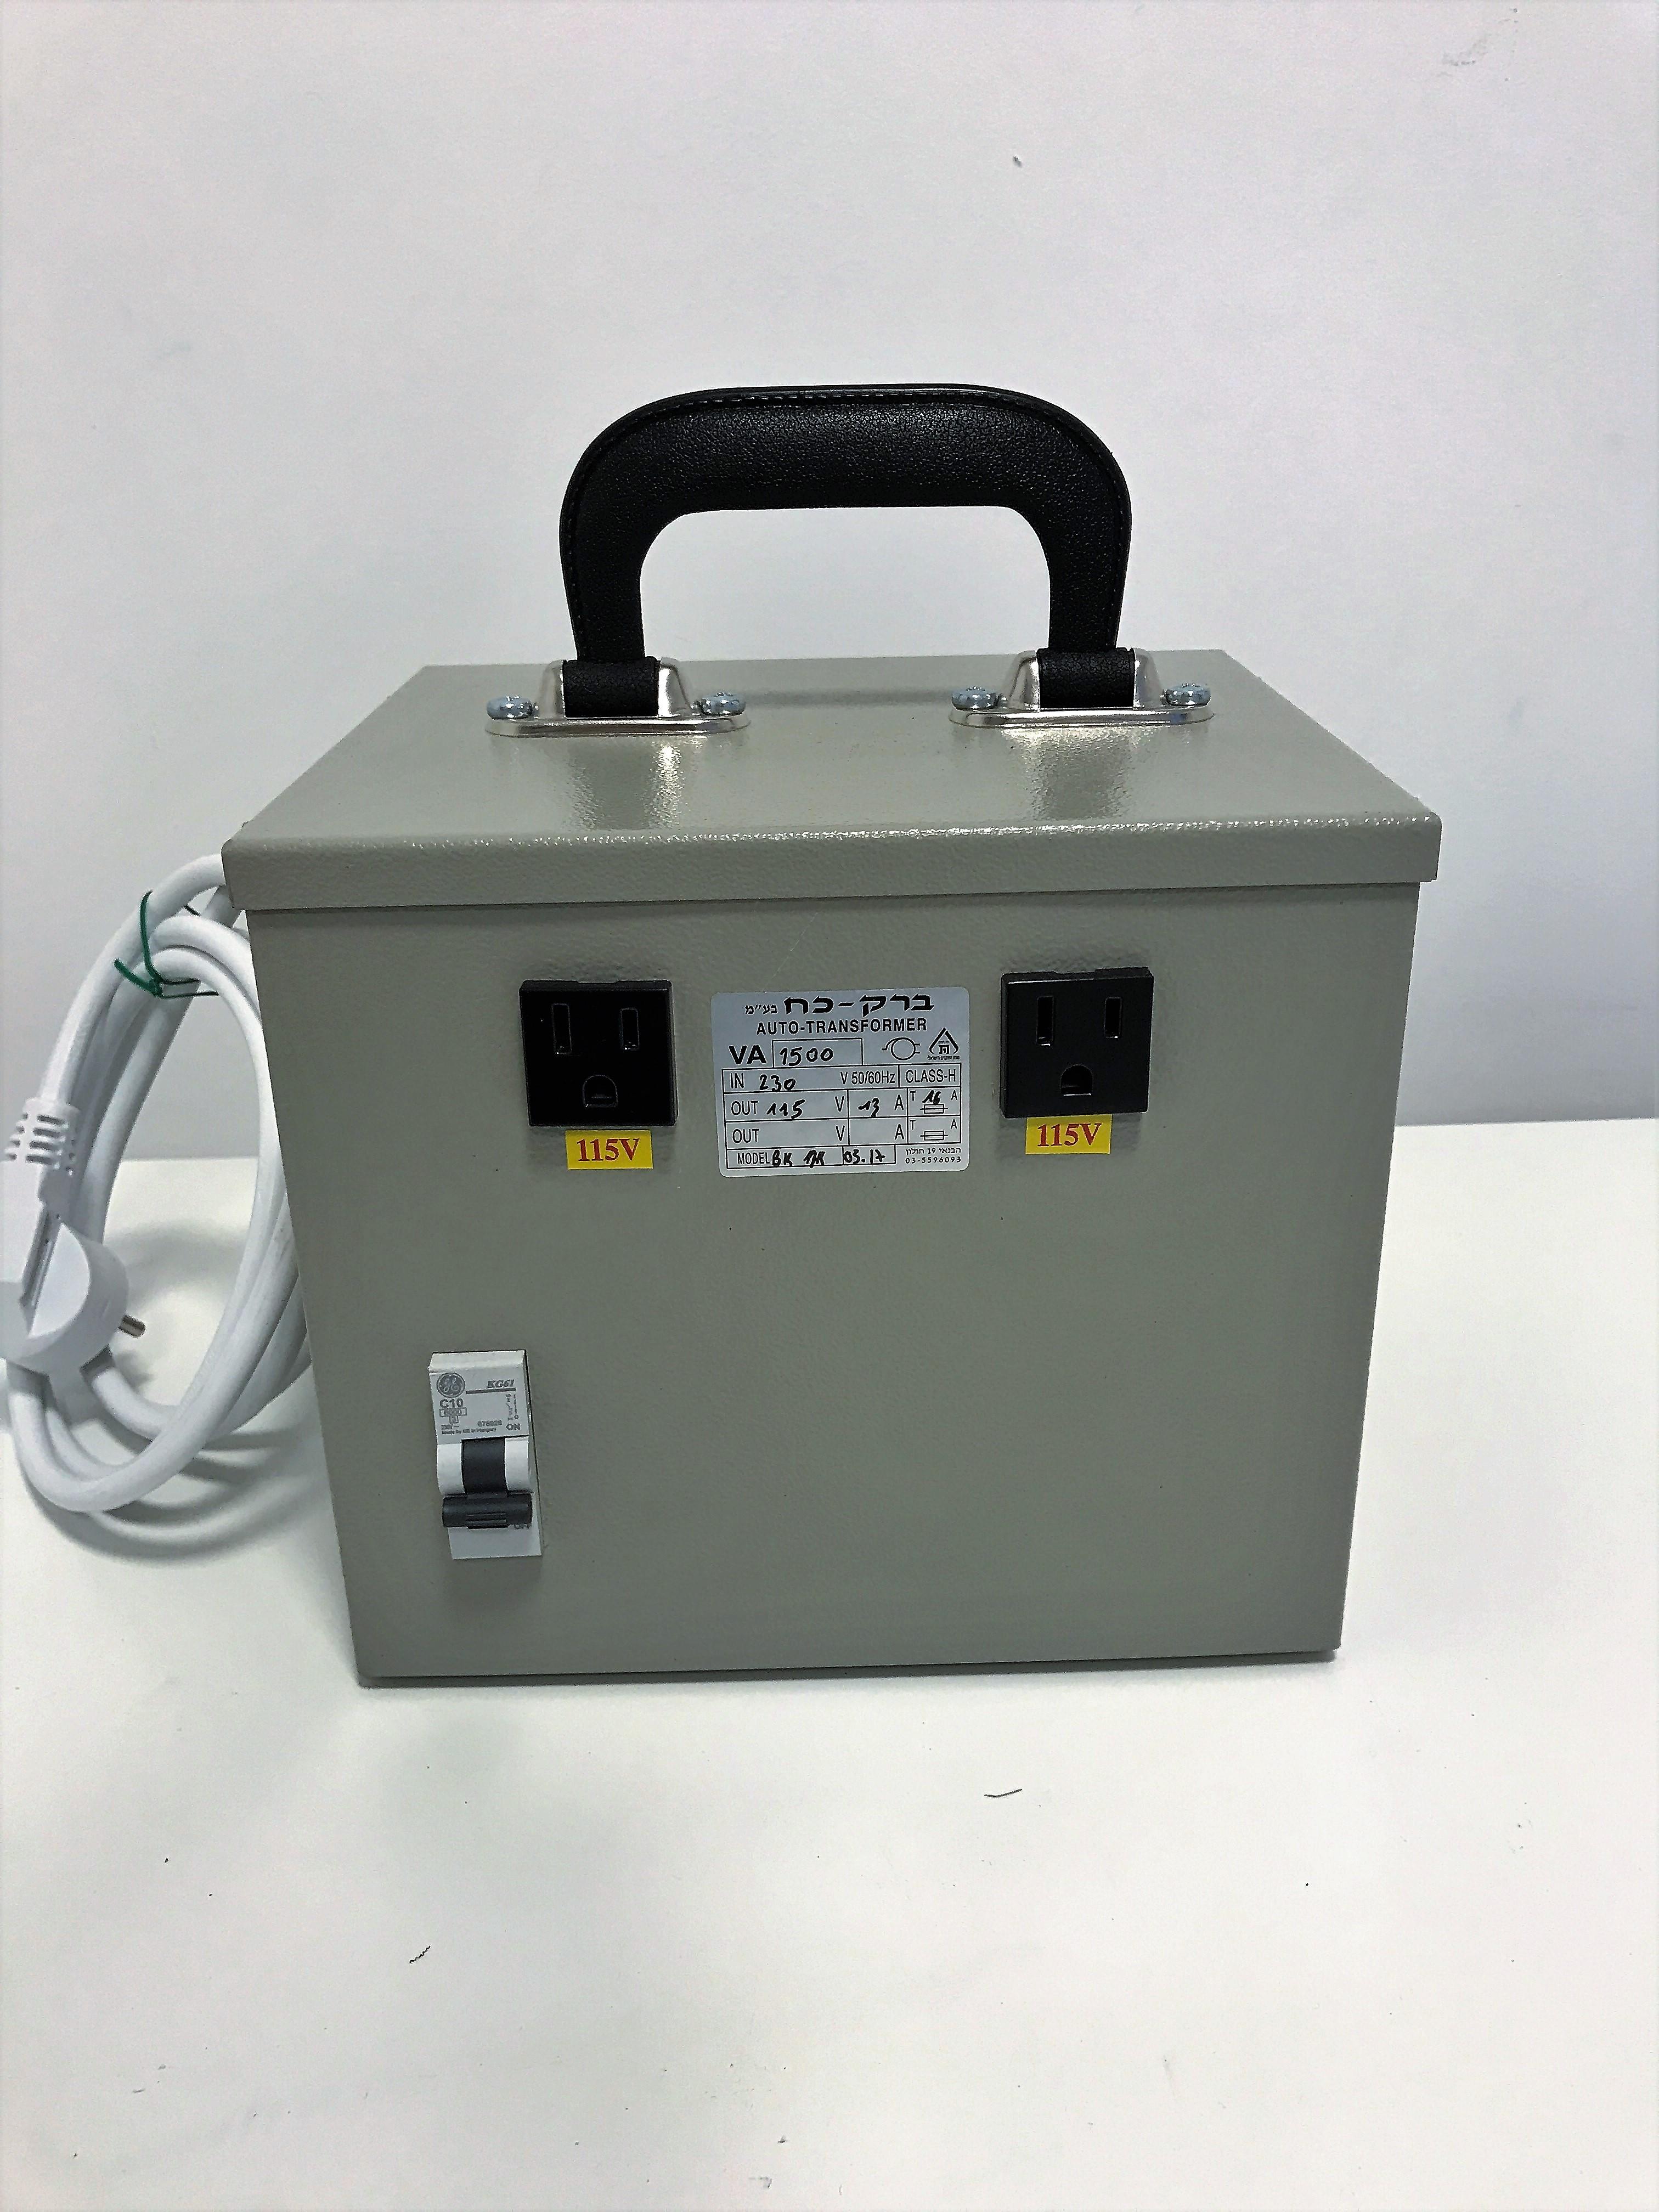 שנאי אוטוטרפו *קומפלט* בהספק 4000VA (למכשיר אמריקאי 115V)